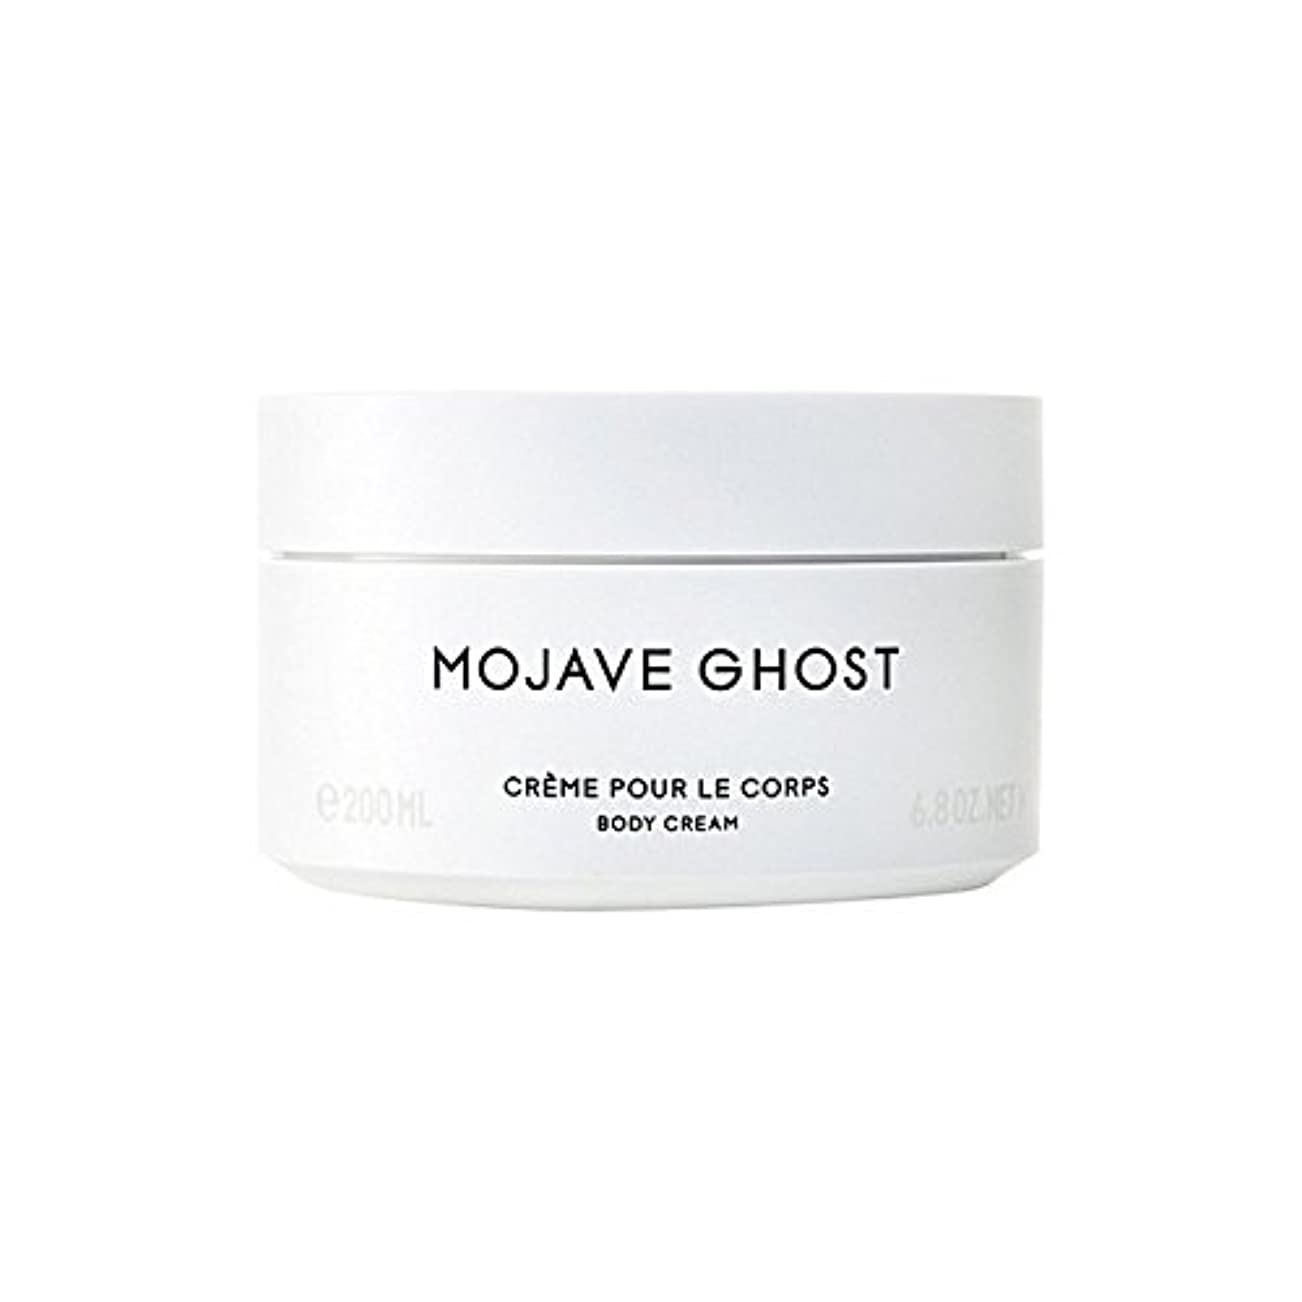 栄養バングラデシュ交流するByredo Mojave Ghost Body Cream 200ml (Pack of 6) - モハーベゴーストボディクリーム200ミリリットル x6 [並行輸入品]